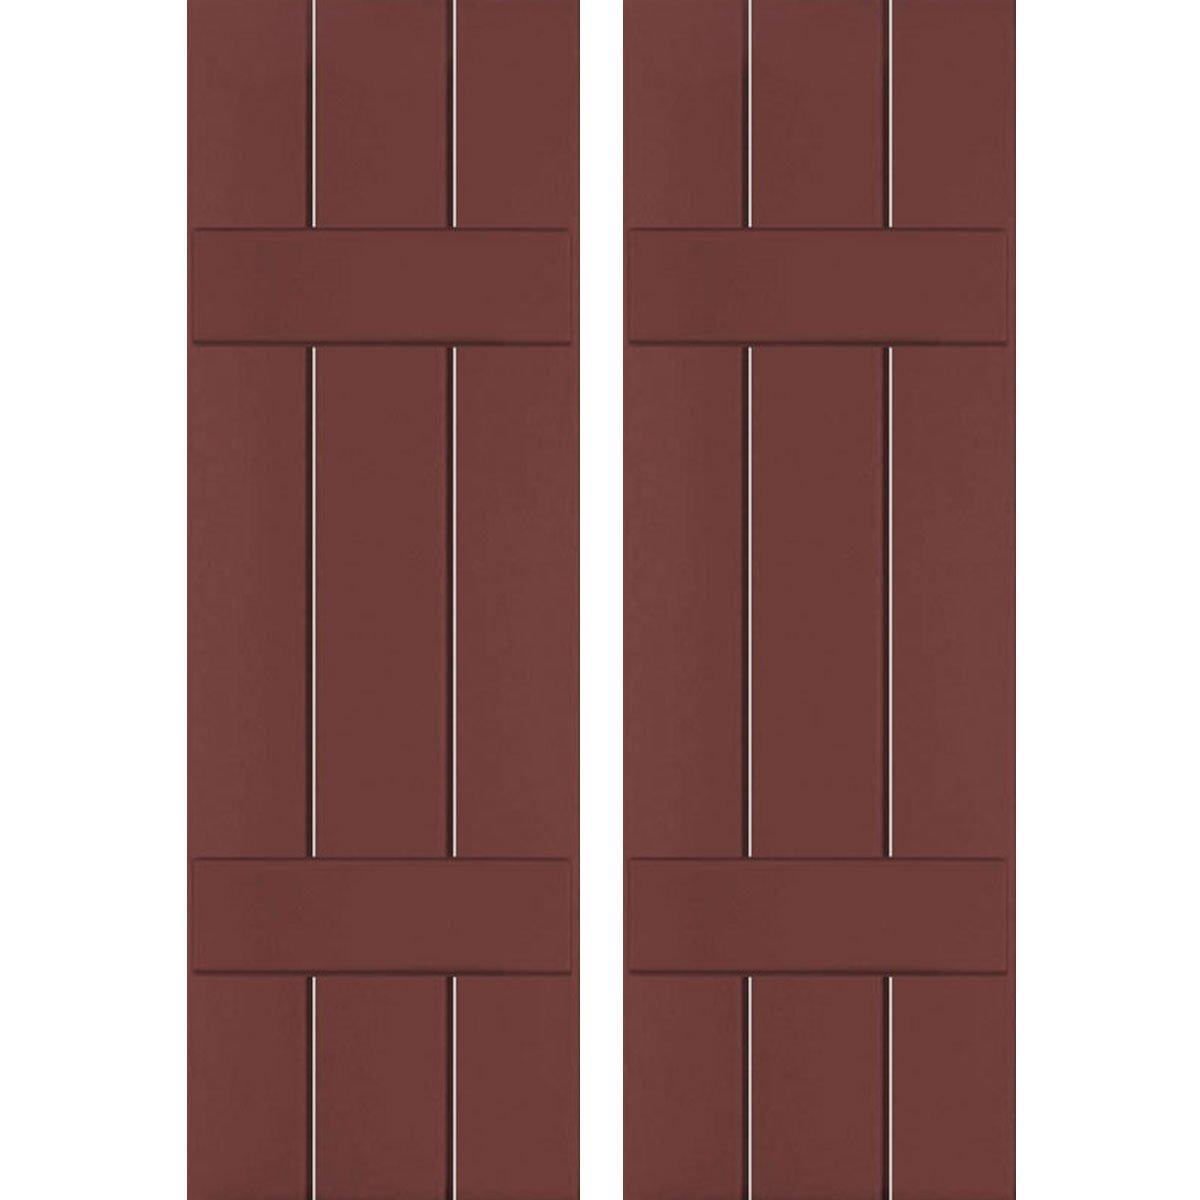 Ekena Millwork CWB12X028CRC Exterior Three Board